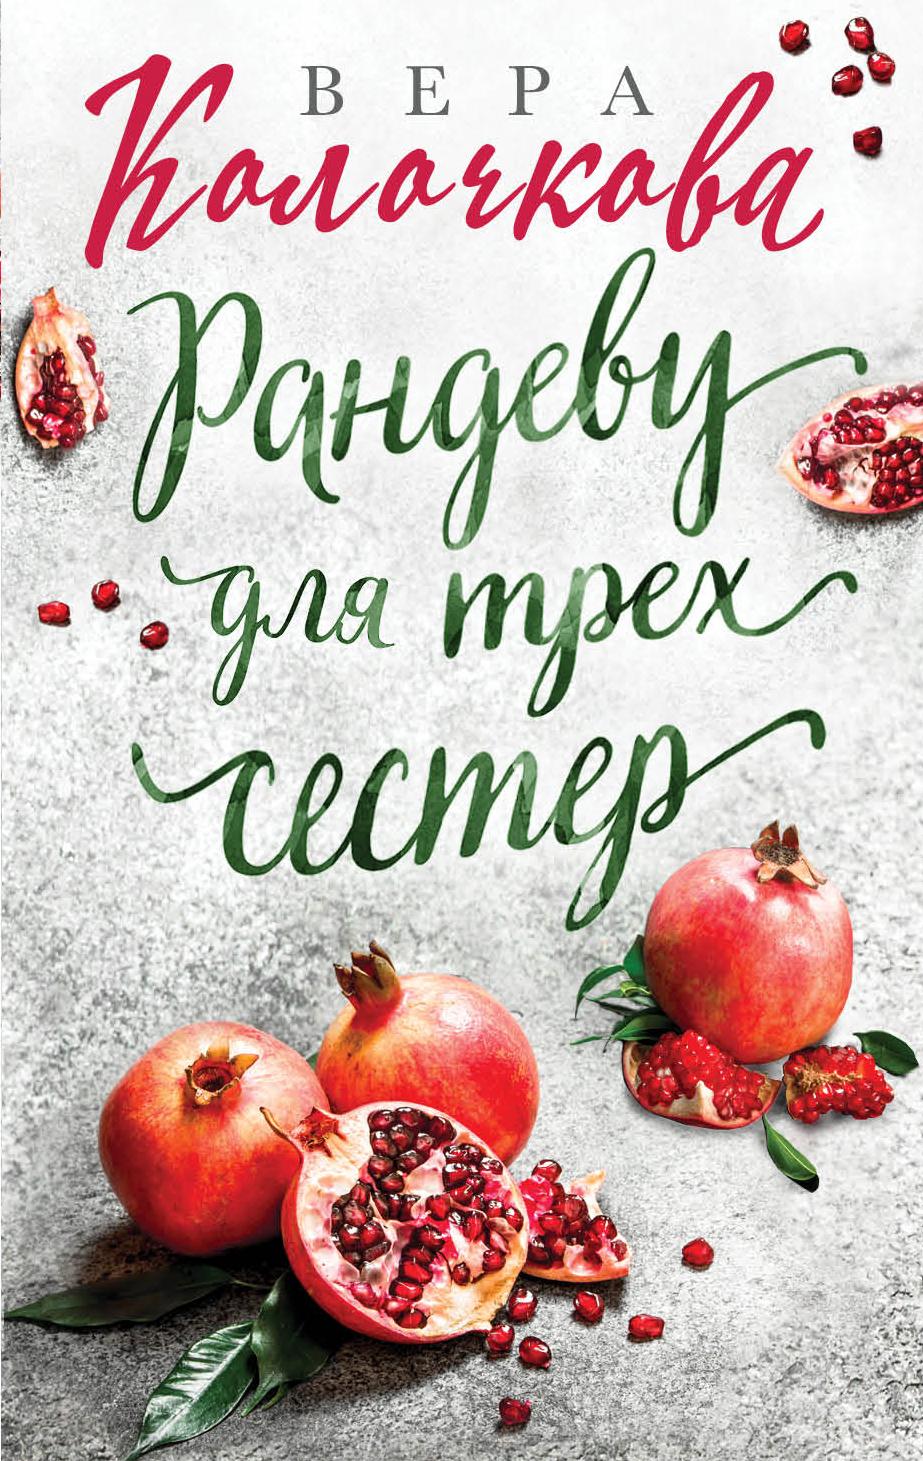 Вера Колочкова Рандеву для трех сестер нам судьба обязана счастьем